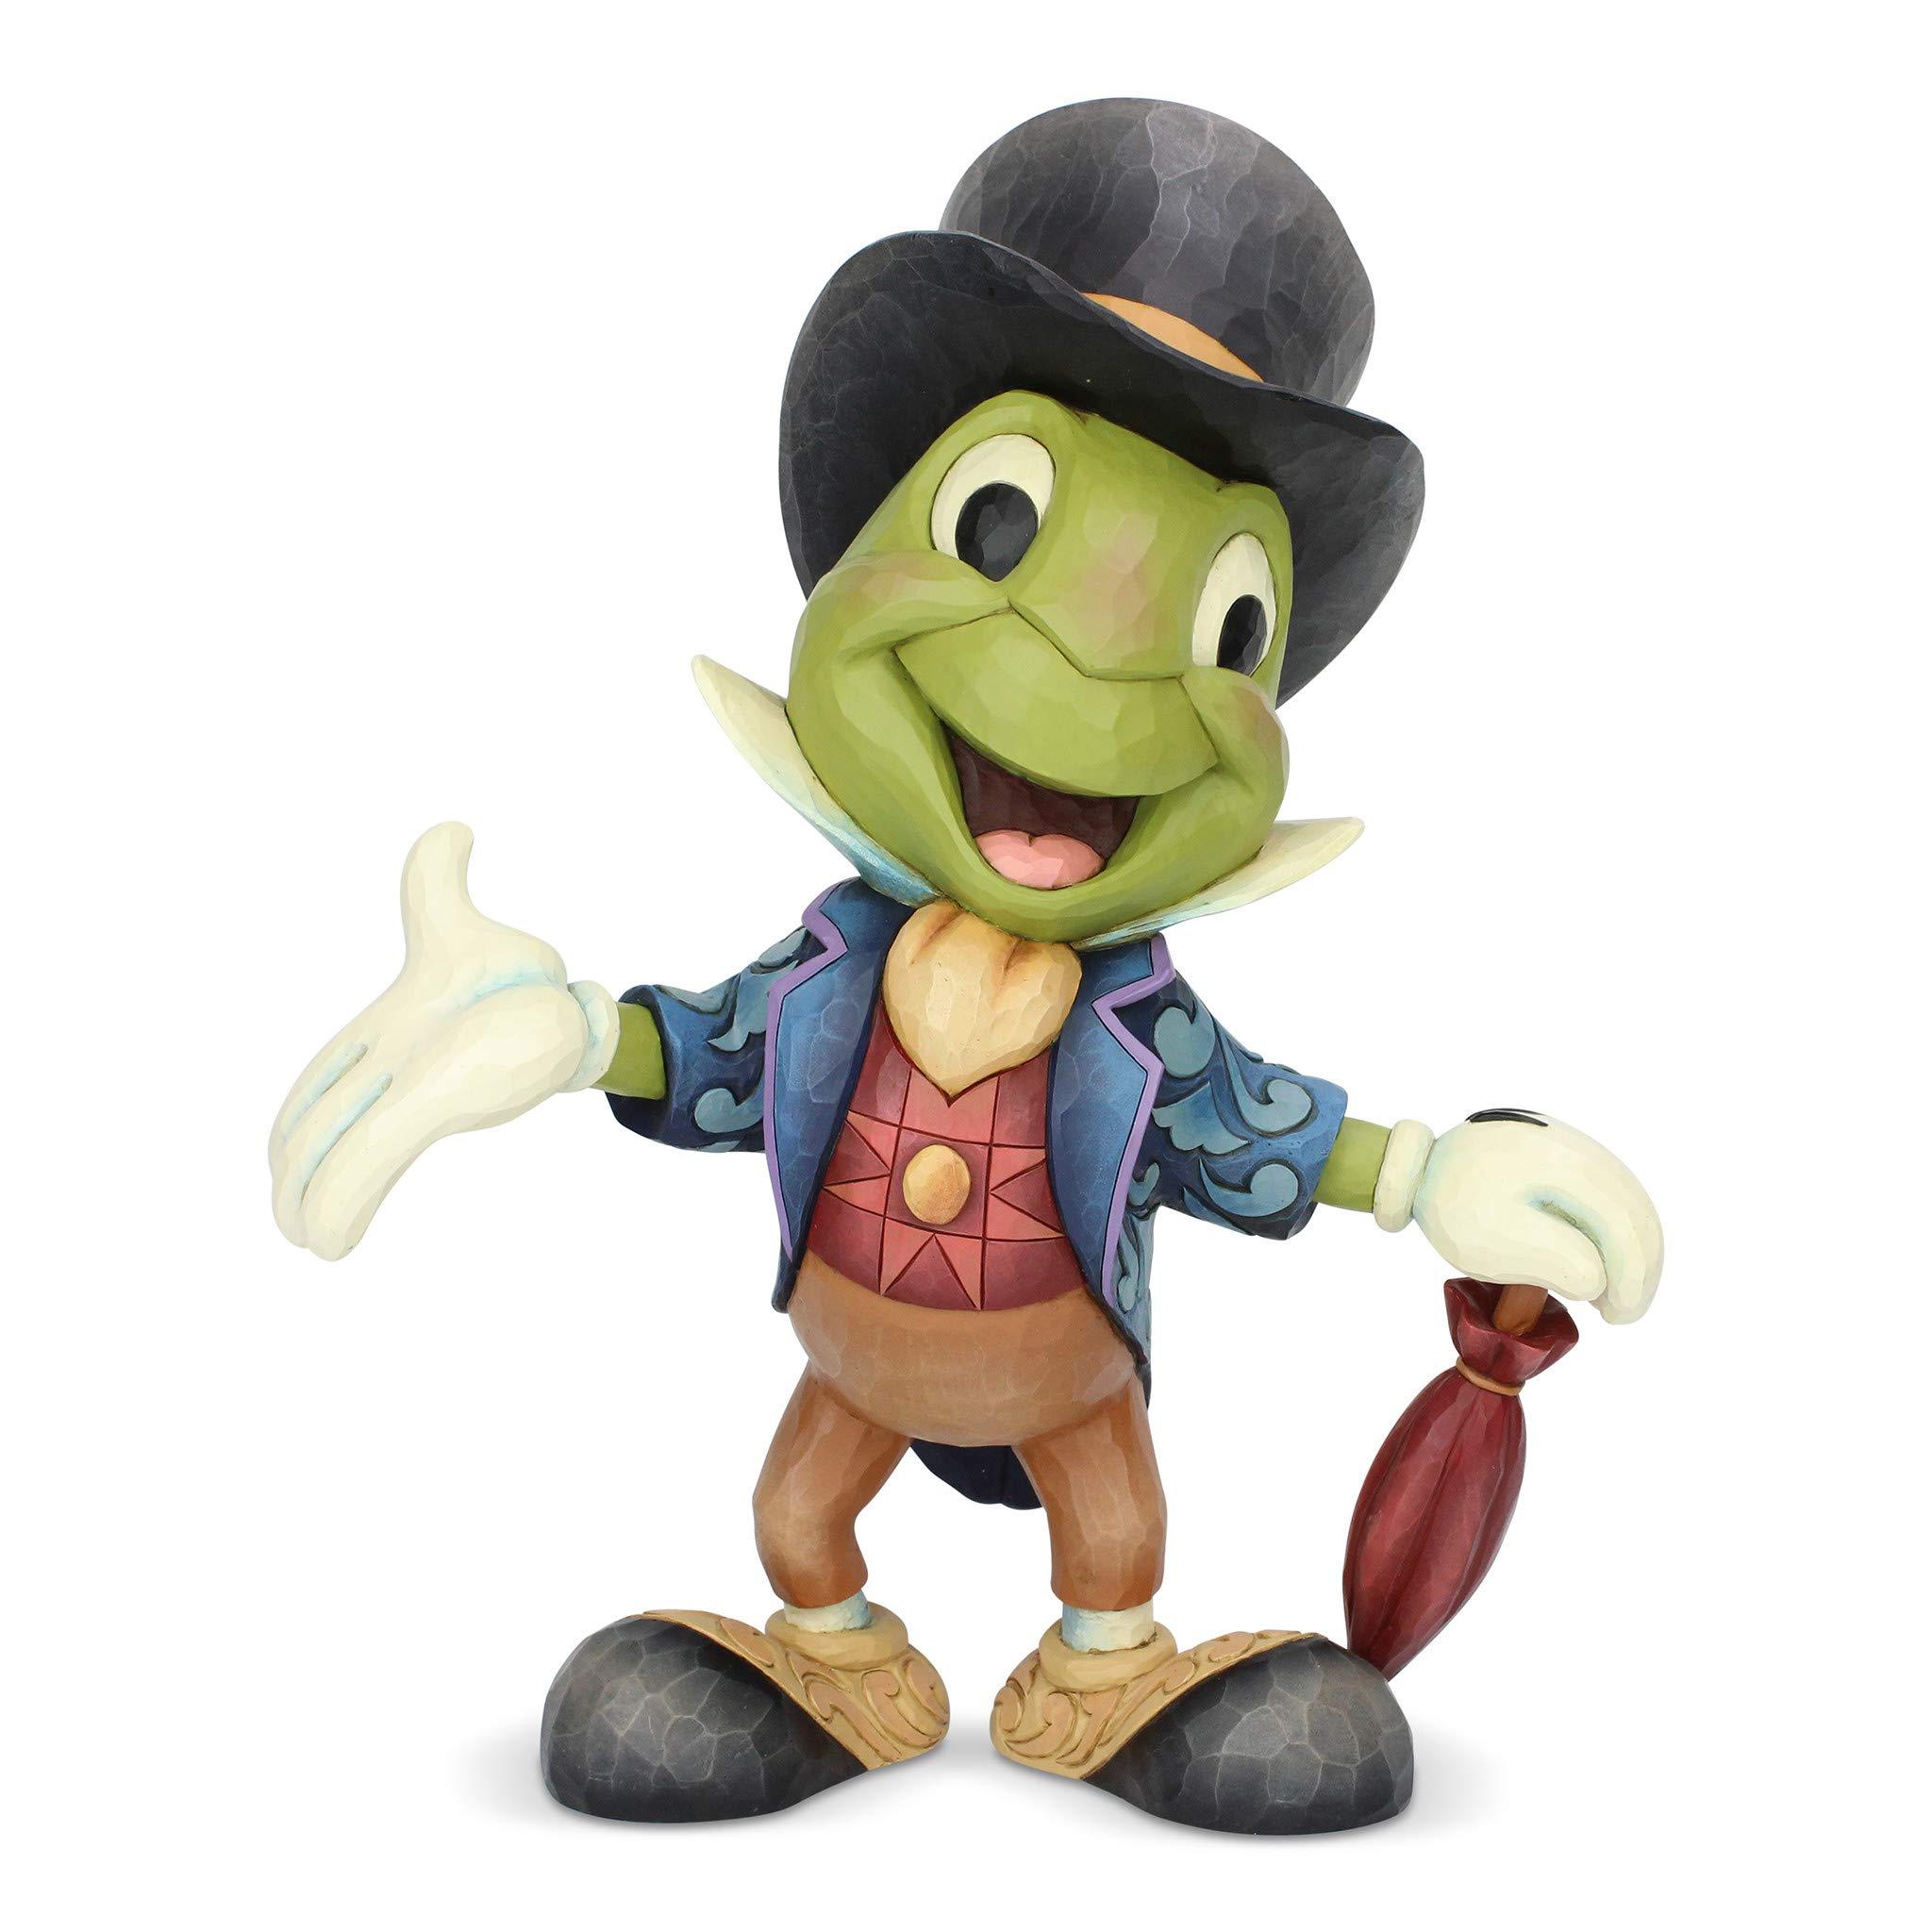 Disney Traditions Cricket's The Name Jiminy